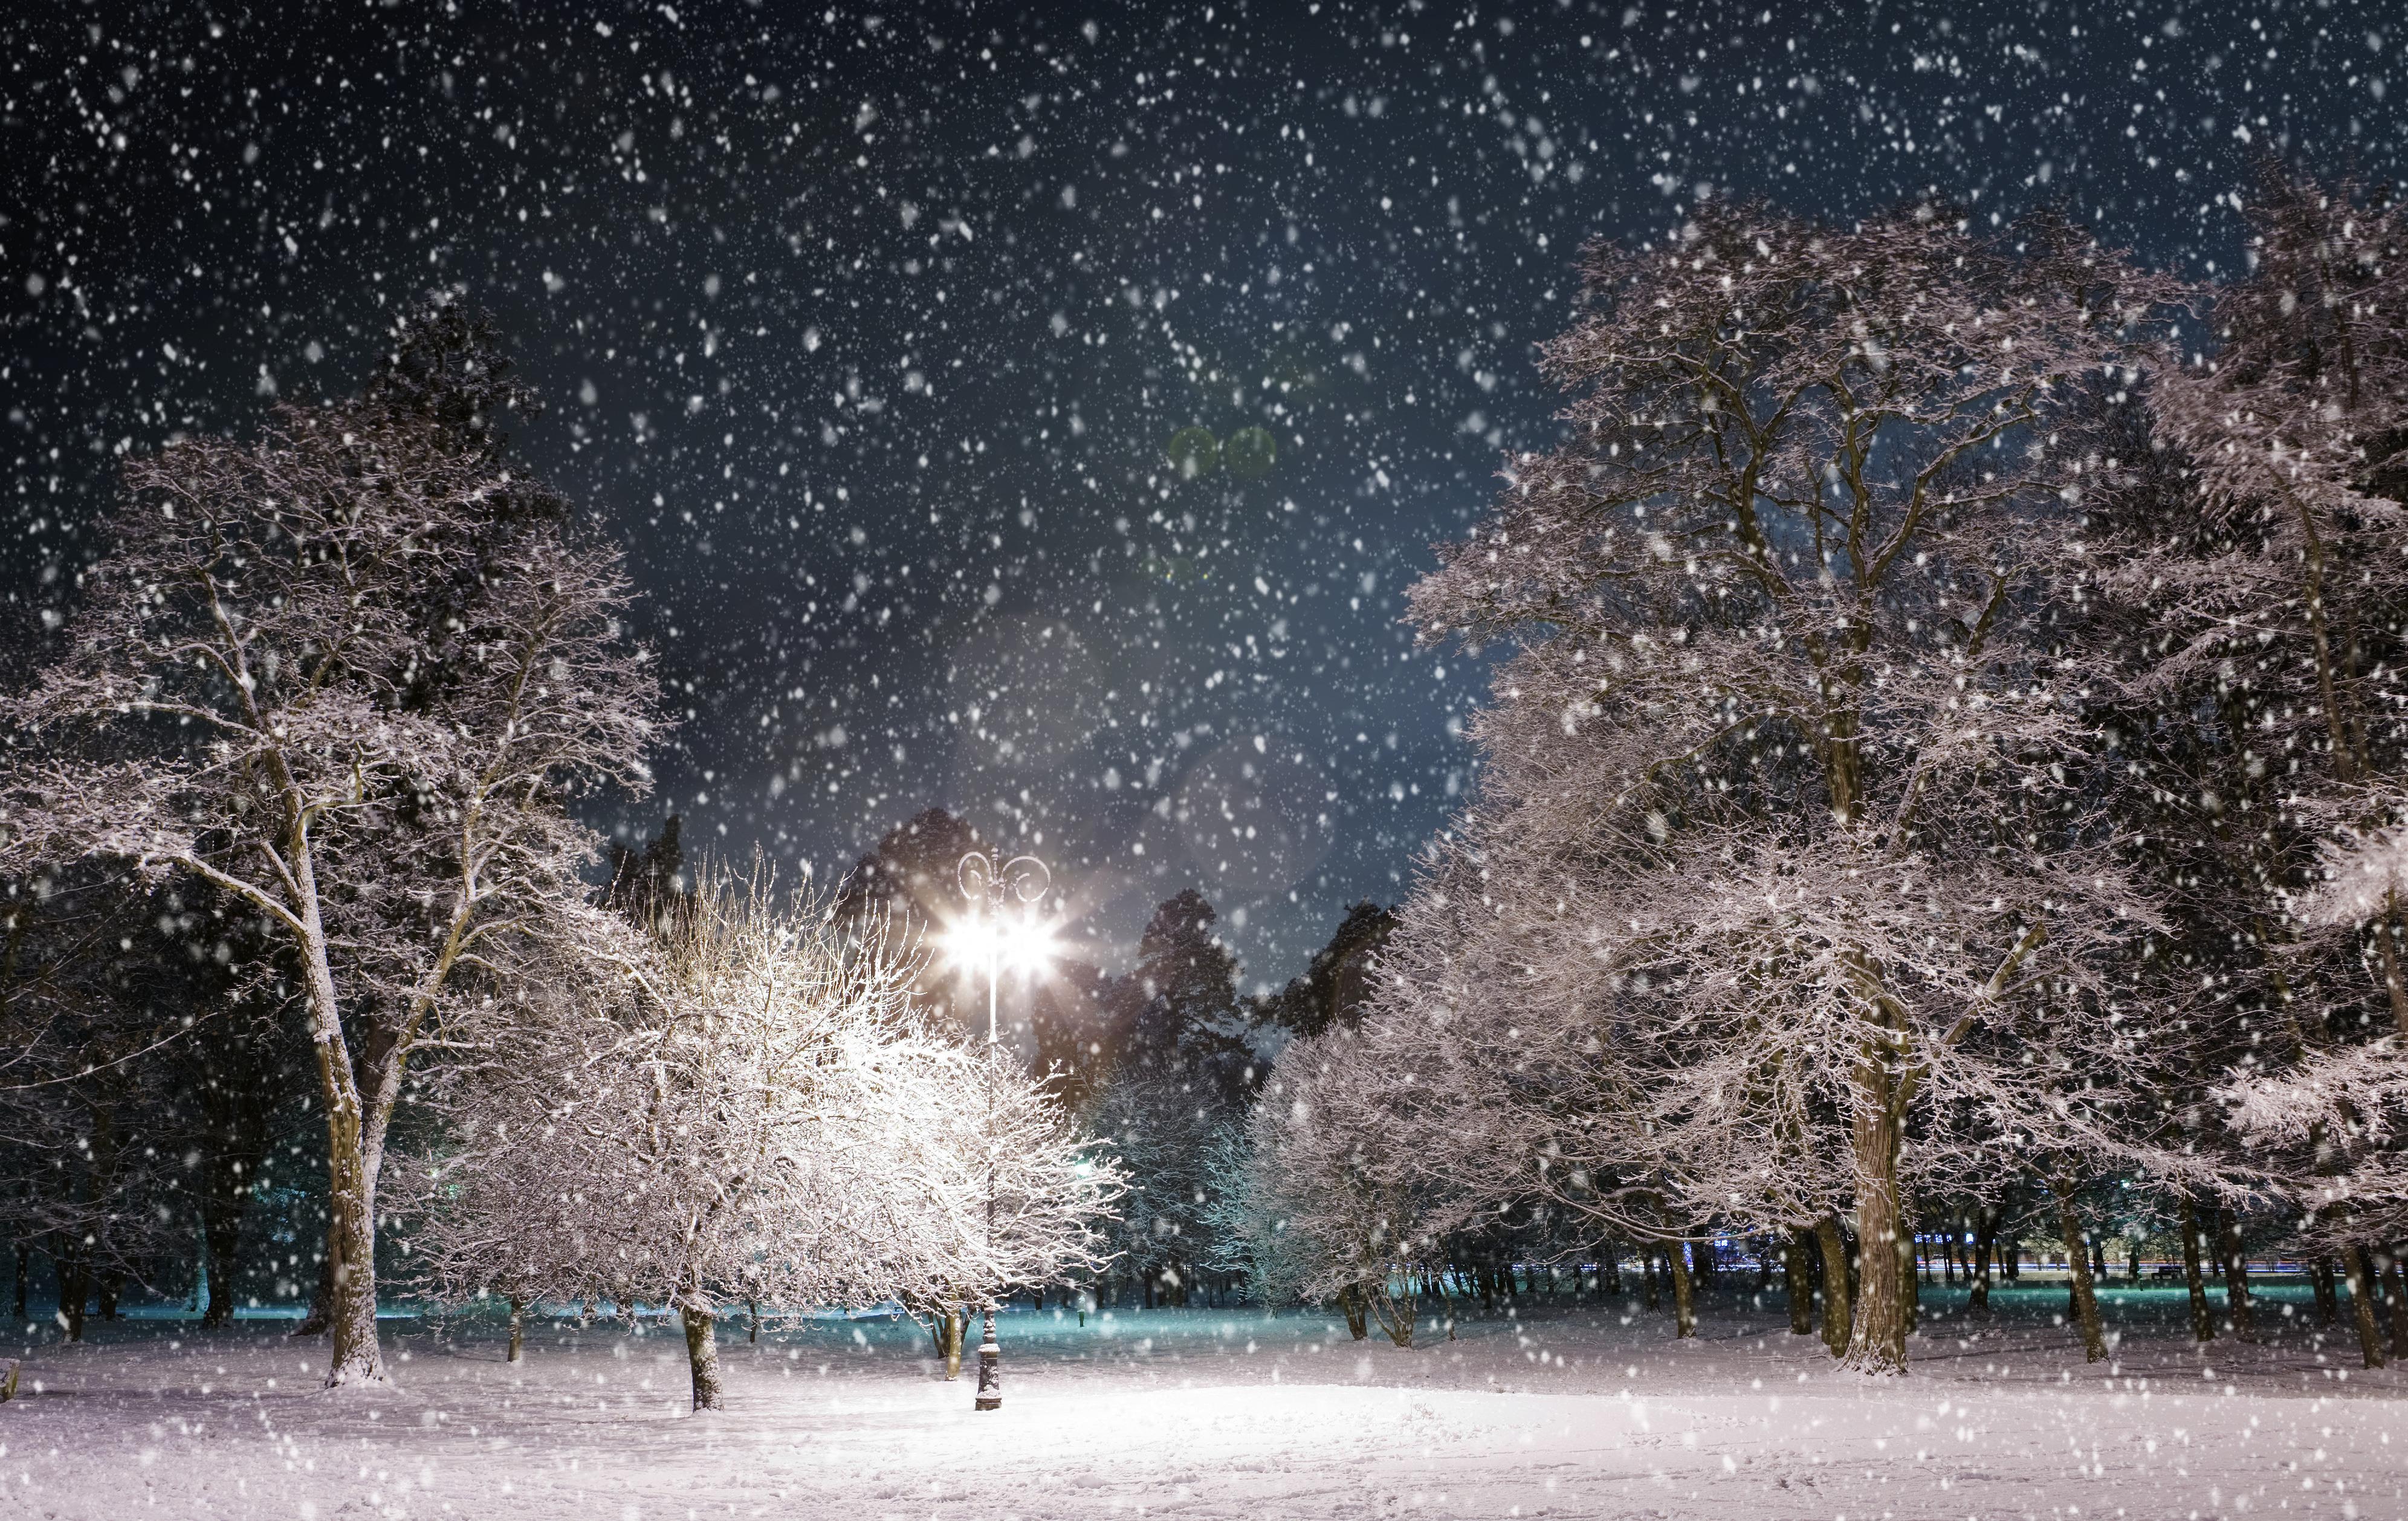 Красивые картинки снегопада днем